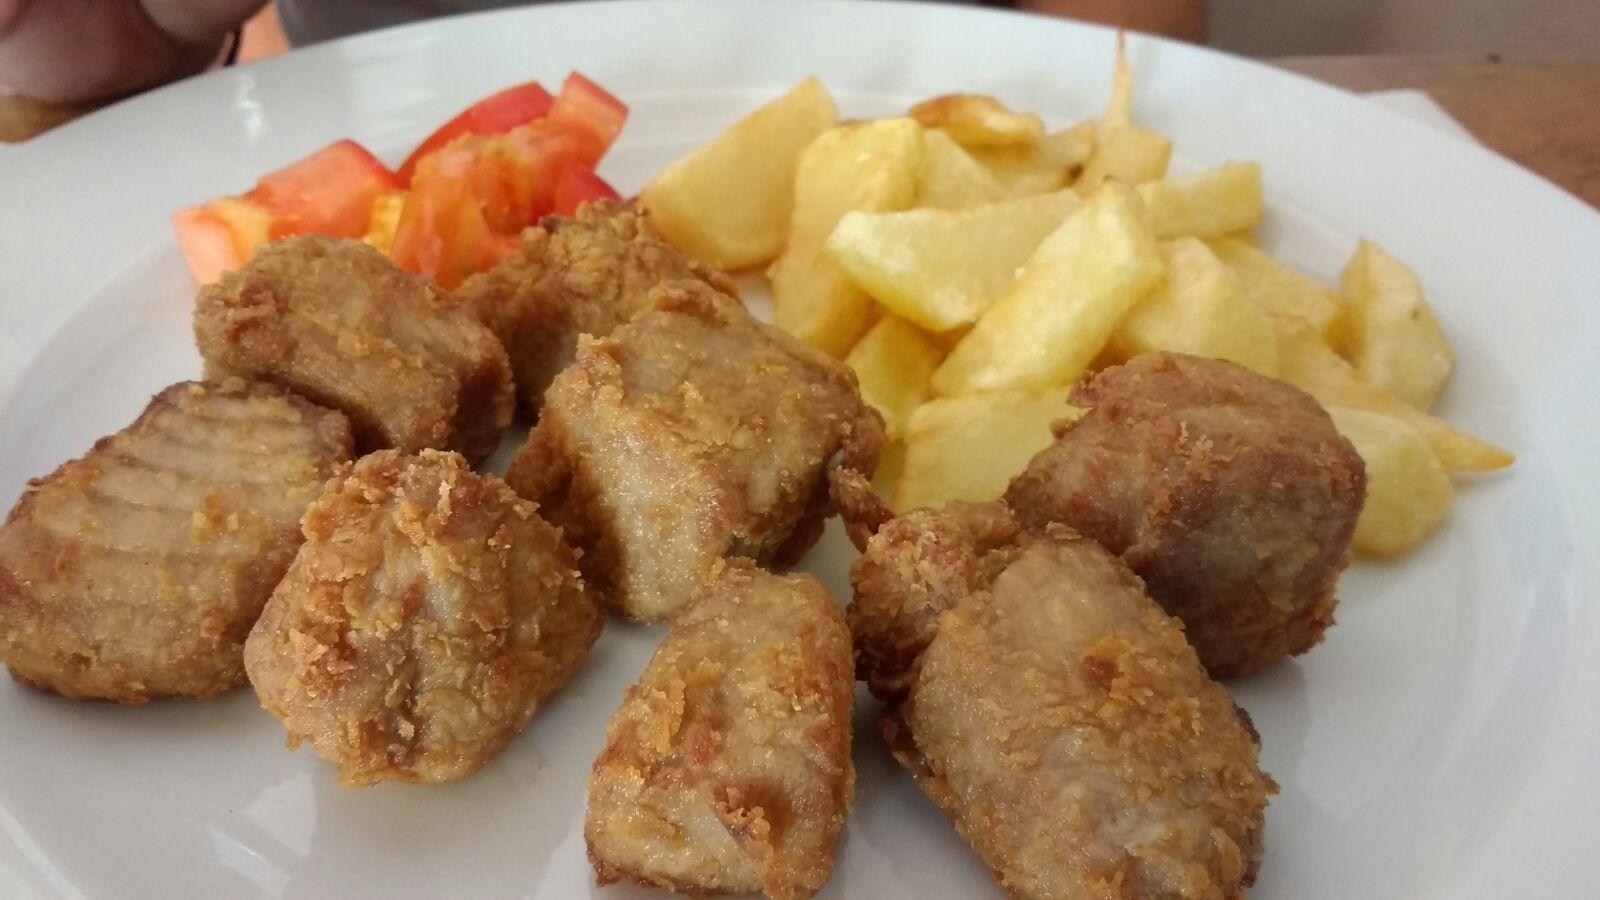 Tacos de atún fritos que compiten en atractivo con las opciones para carnívoros.